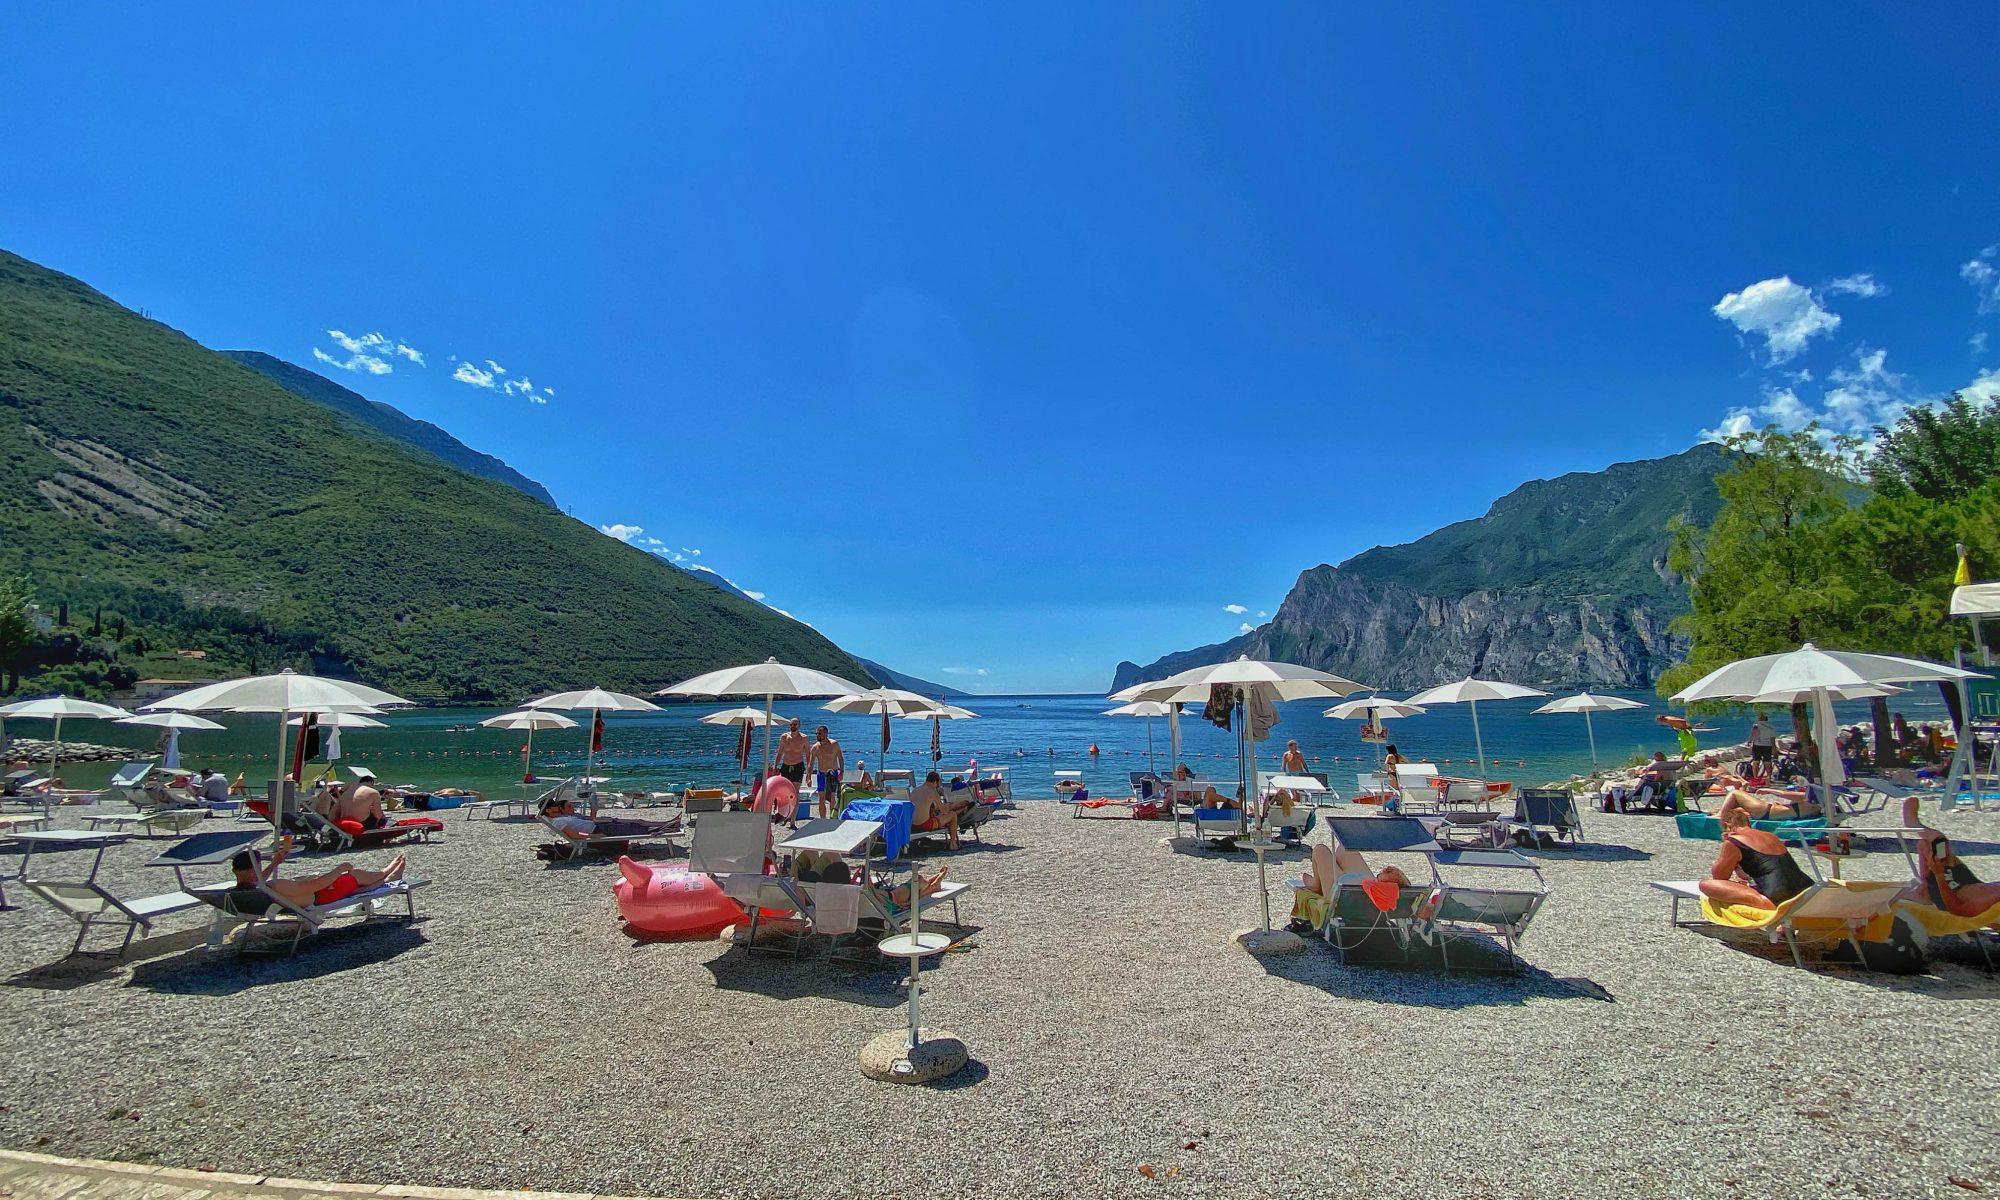 spiaggia attrezzata Torbole sul Garda